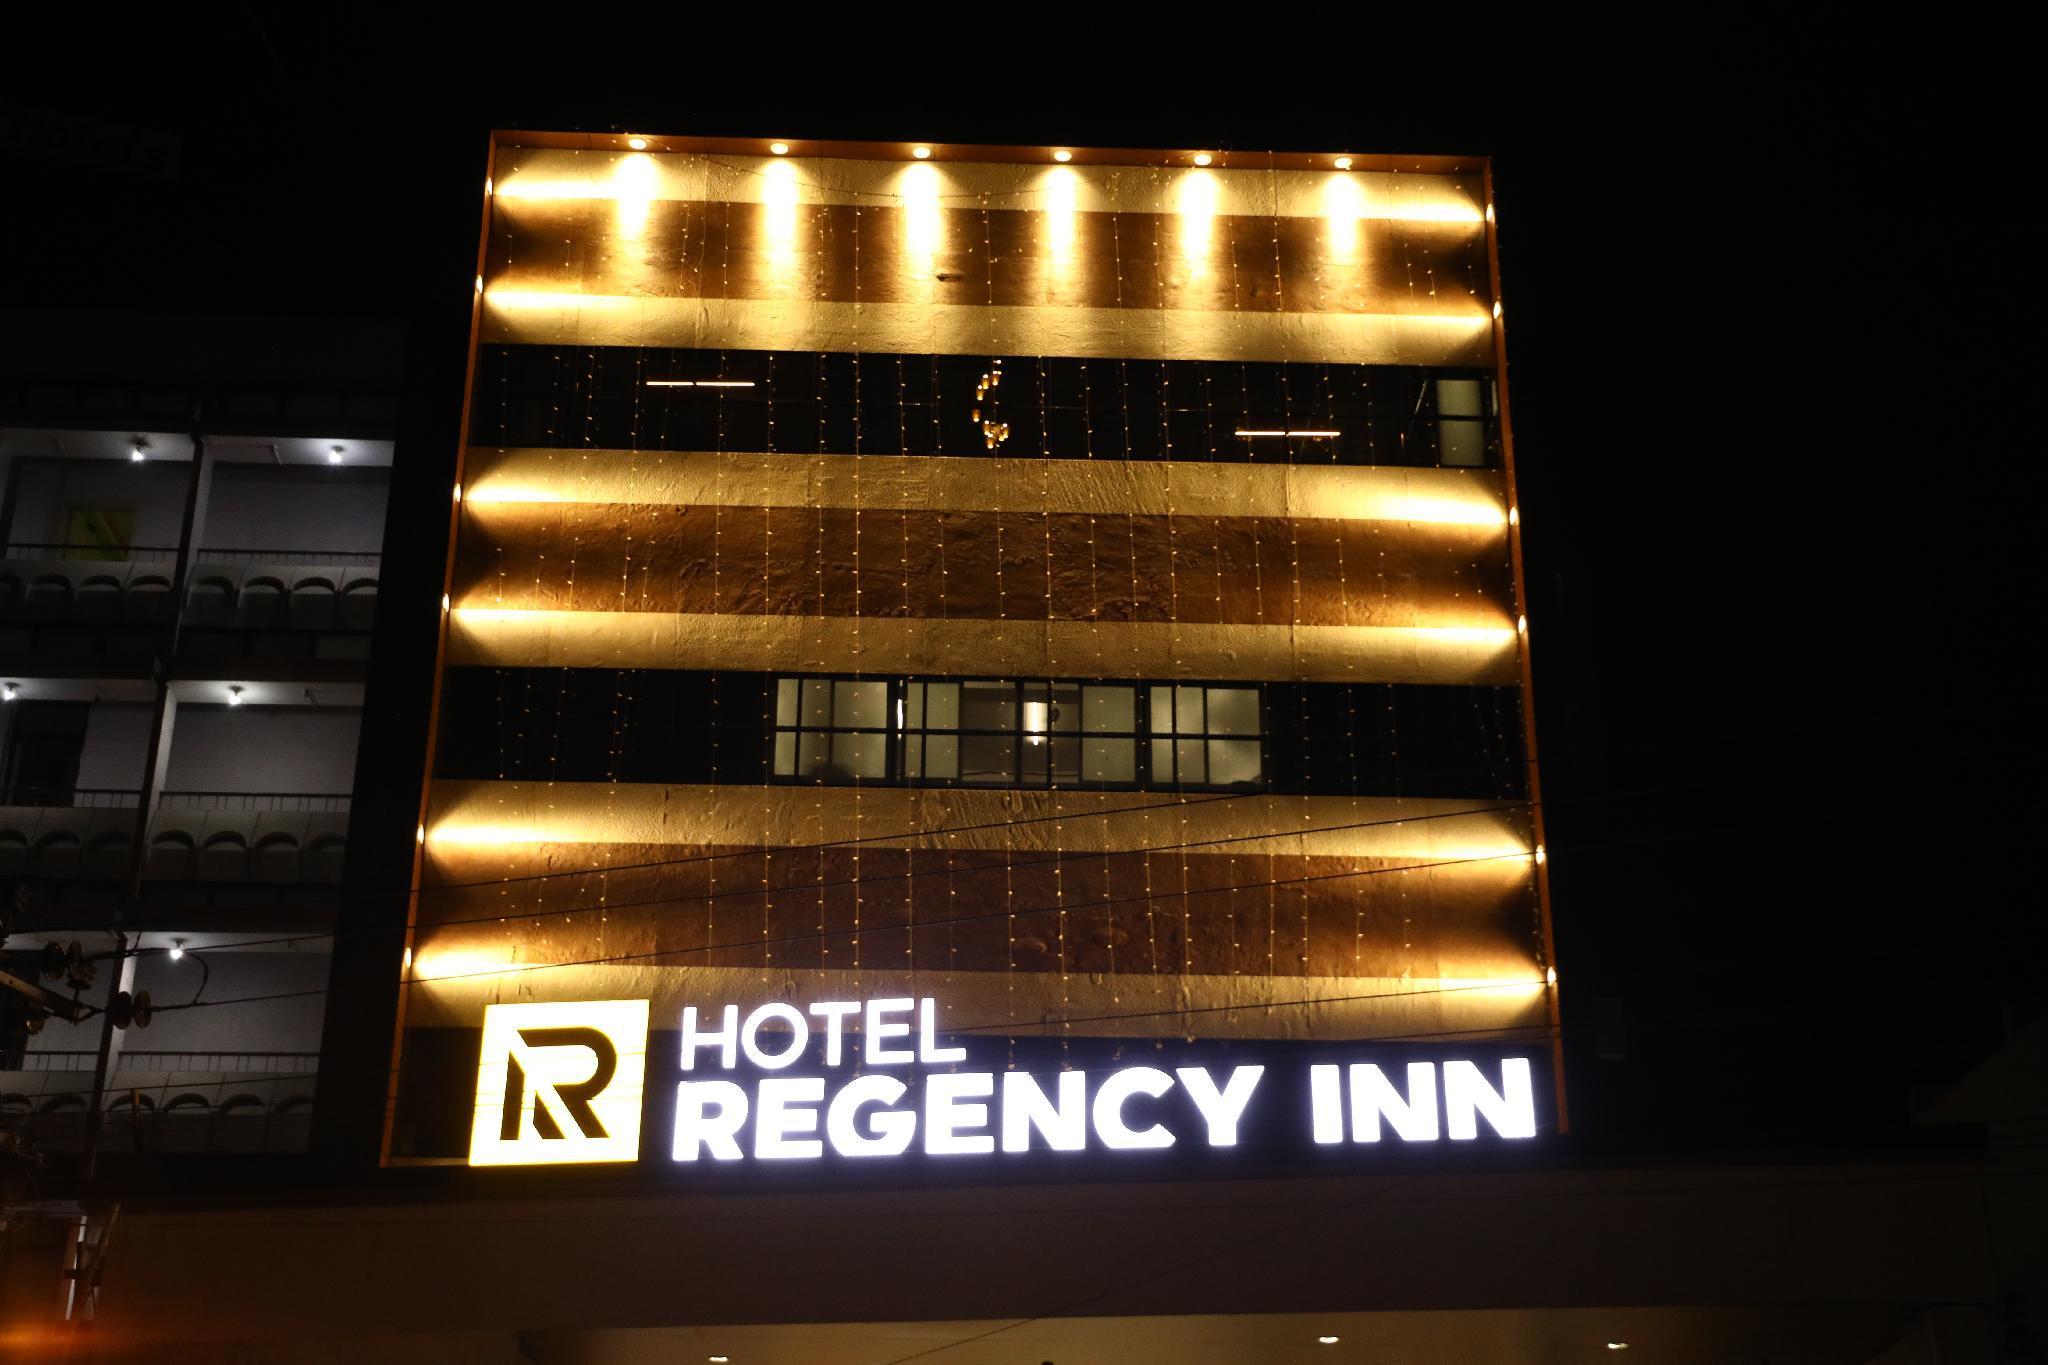 Hotel Regency Inn